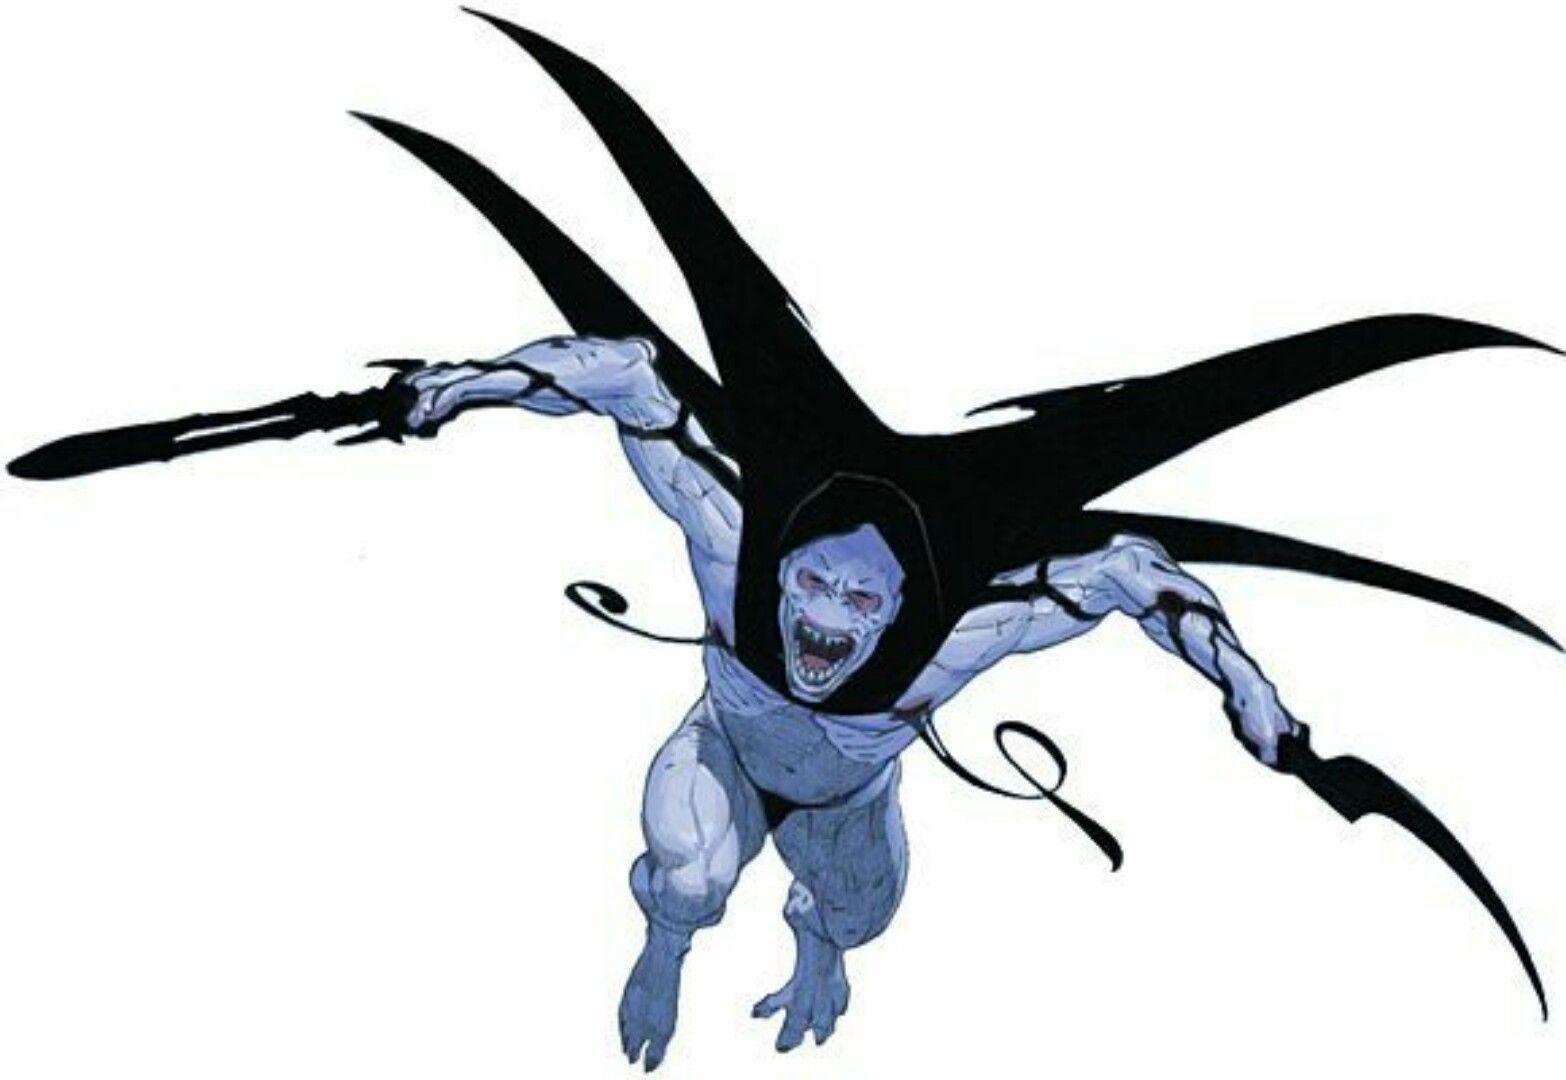 Gorr the god butcher   Marvel comics vintage, Marvel concept art, Marvel  superheroes